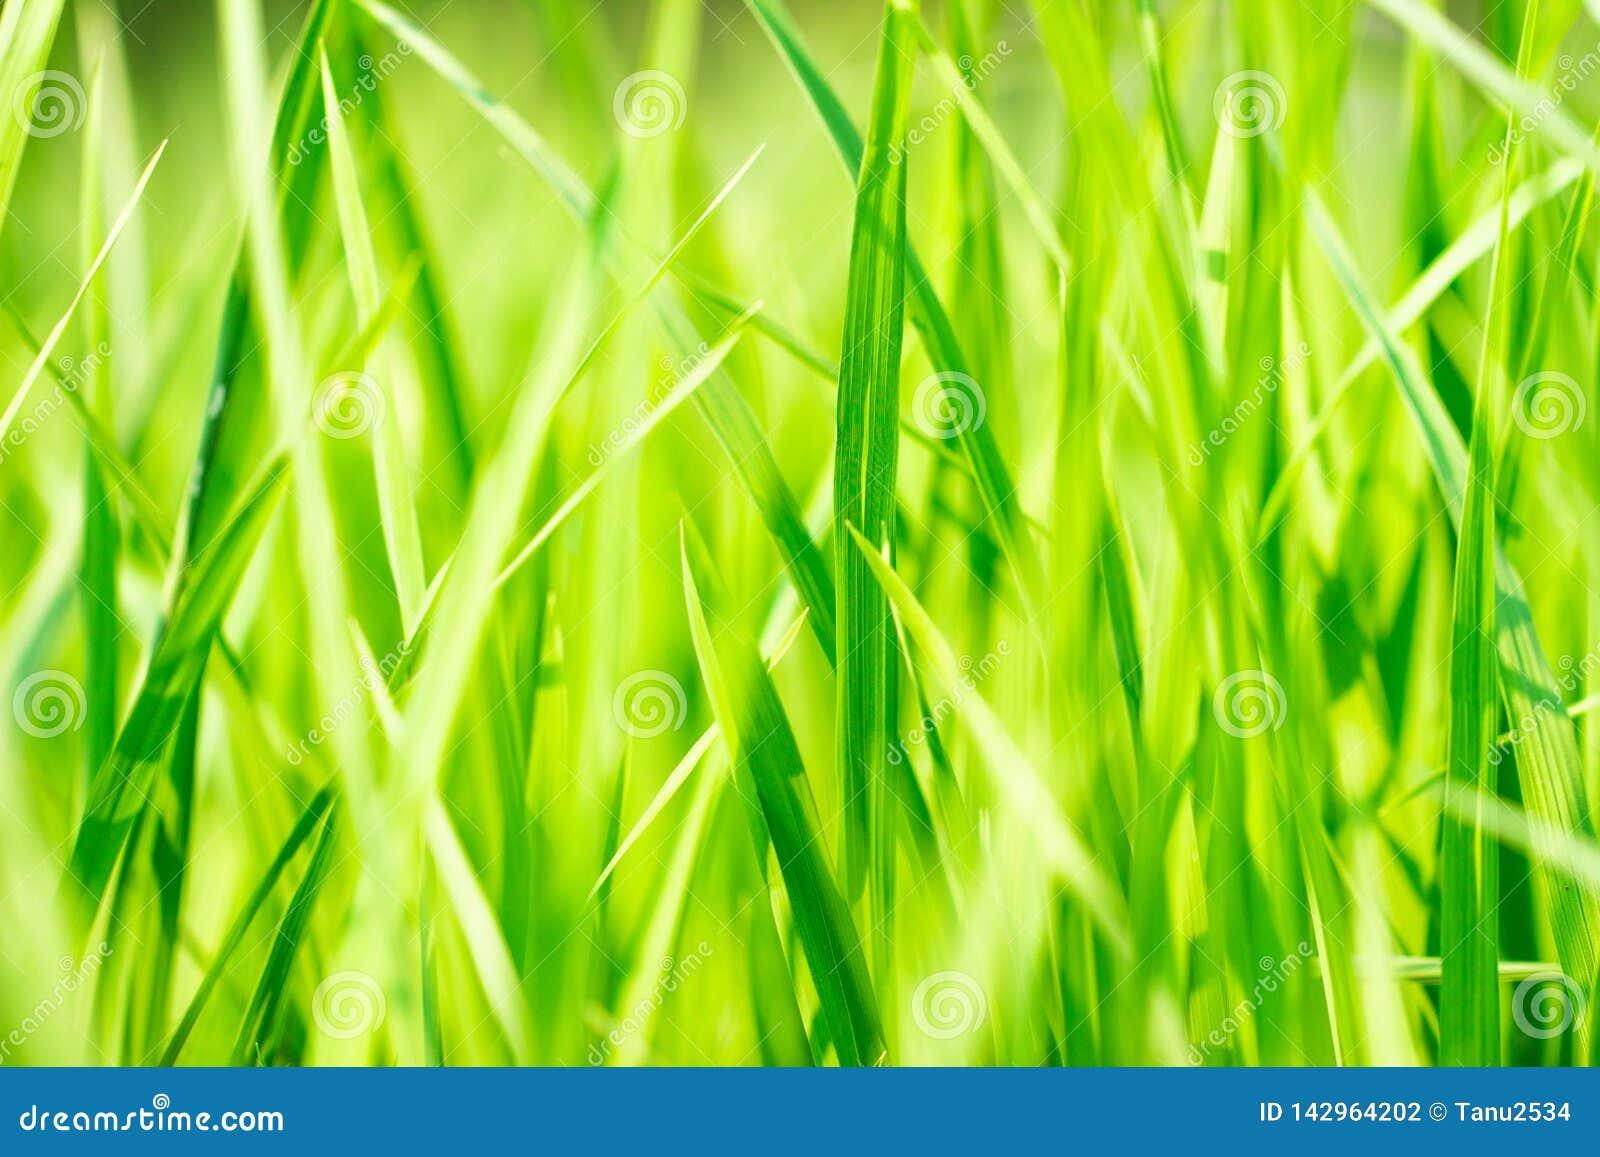 Sluit omhoog van geelgroen padieveld